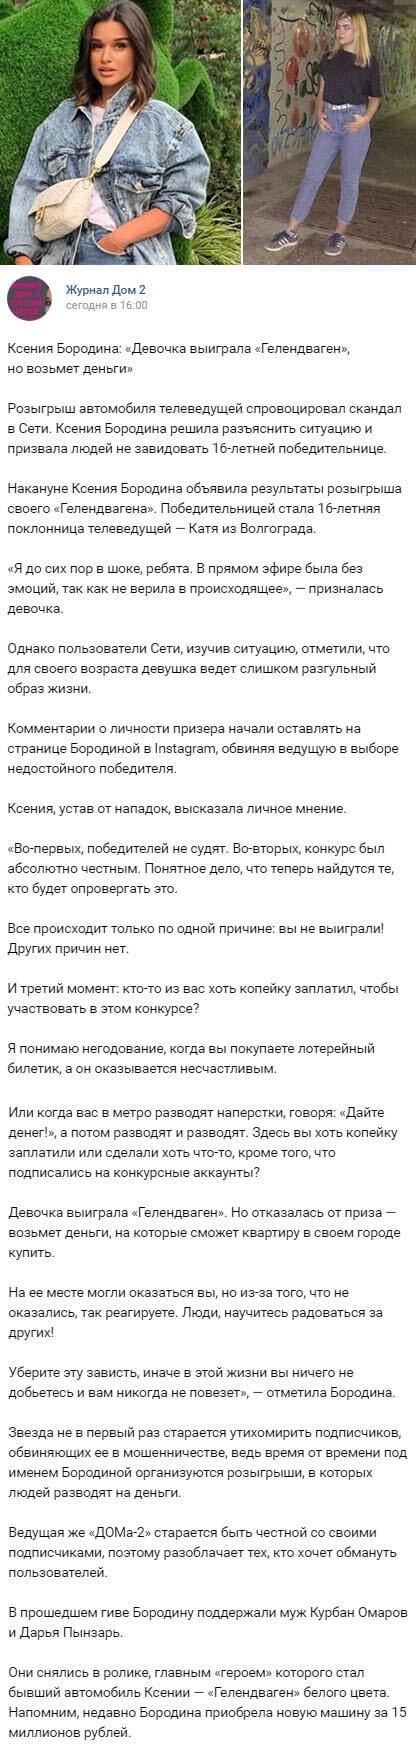 Ксения Бородина оказалась в эпицентр разгорающегося скандала